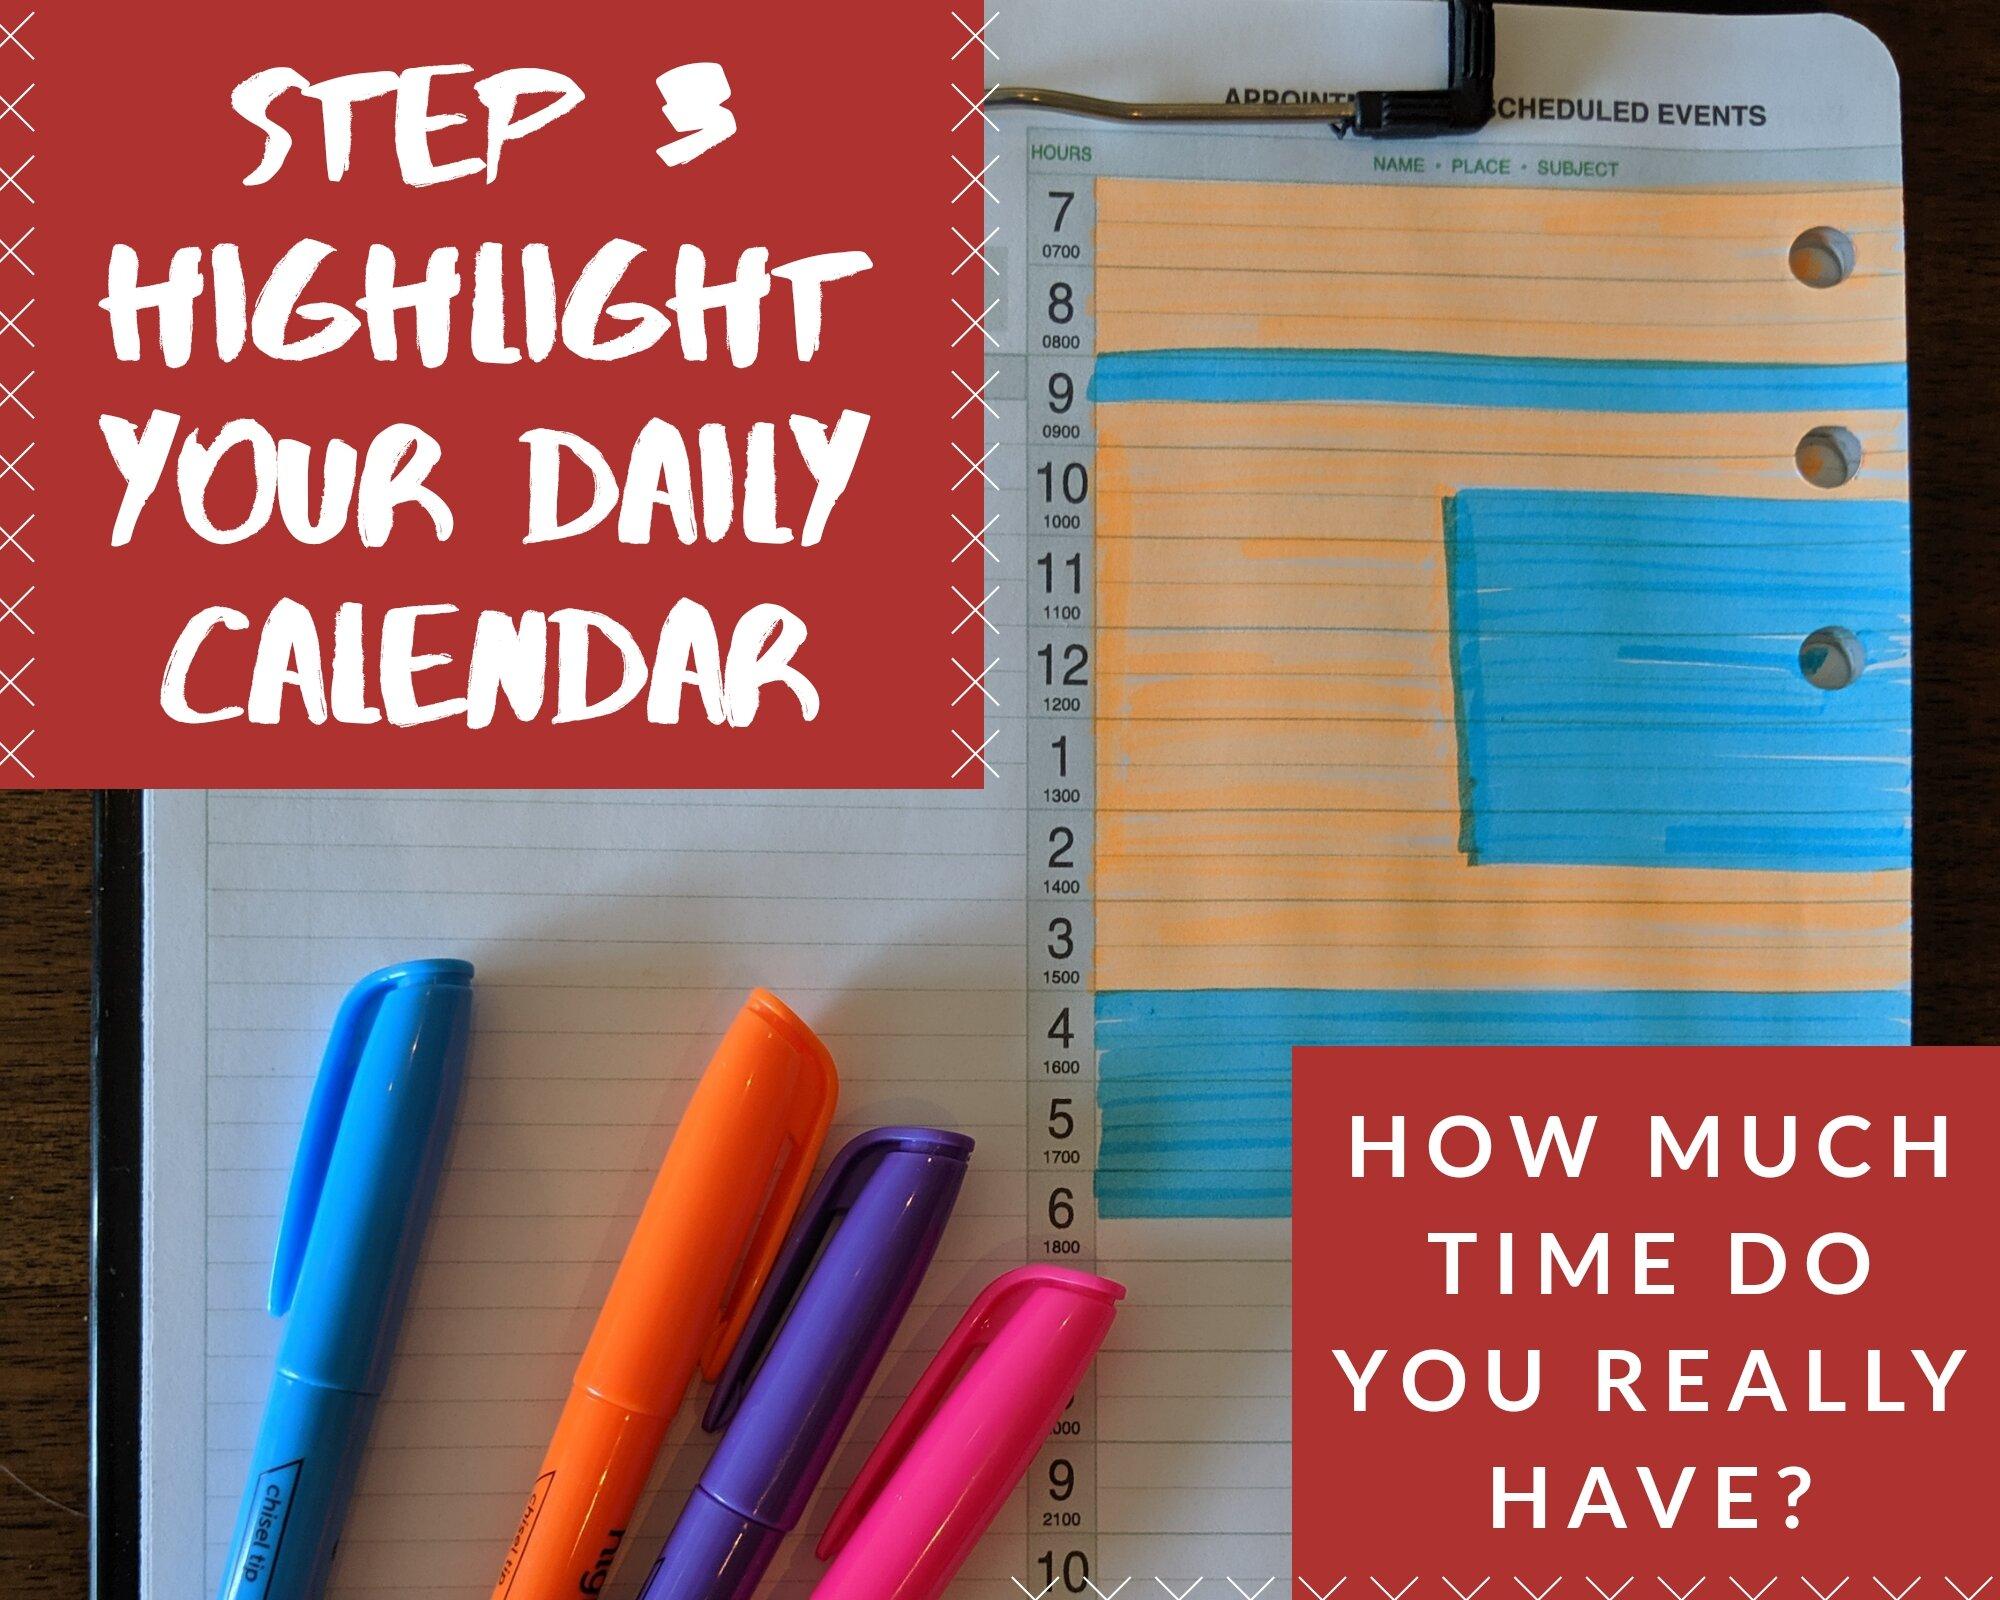 Step 3 Highlight Calendar.jpg